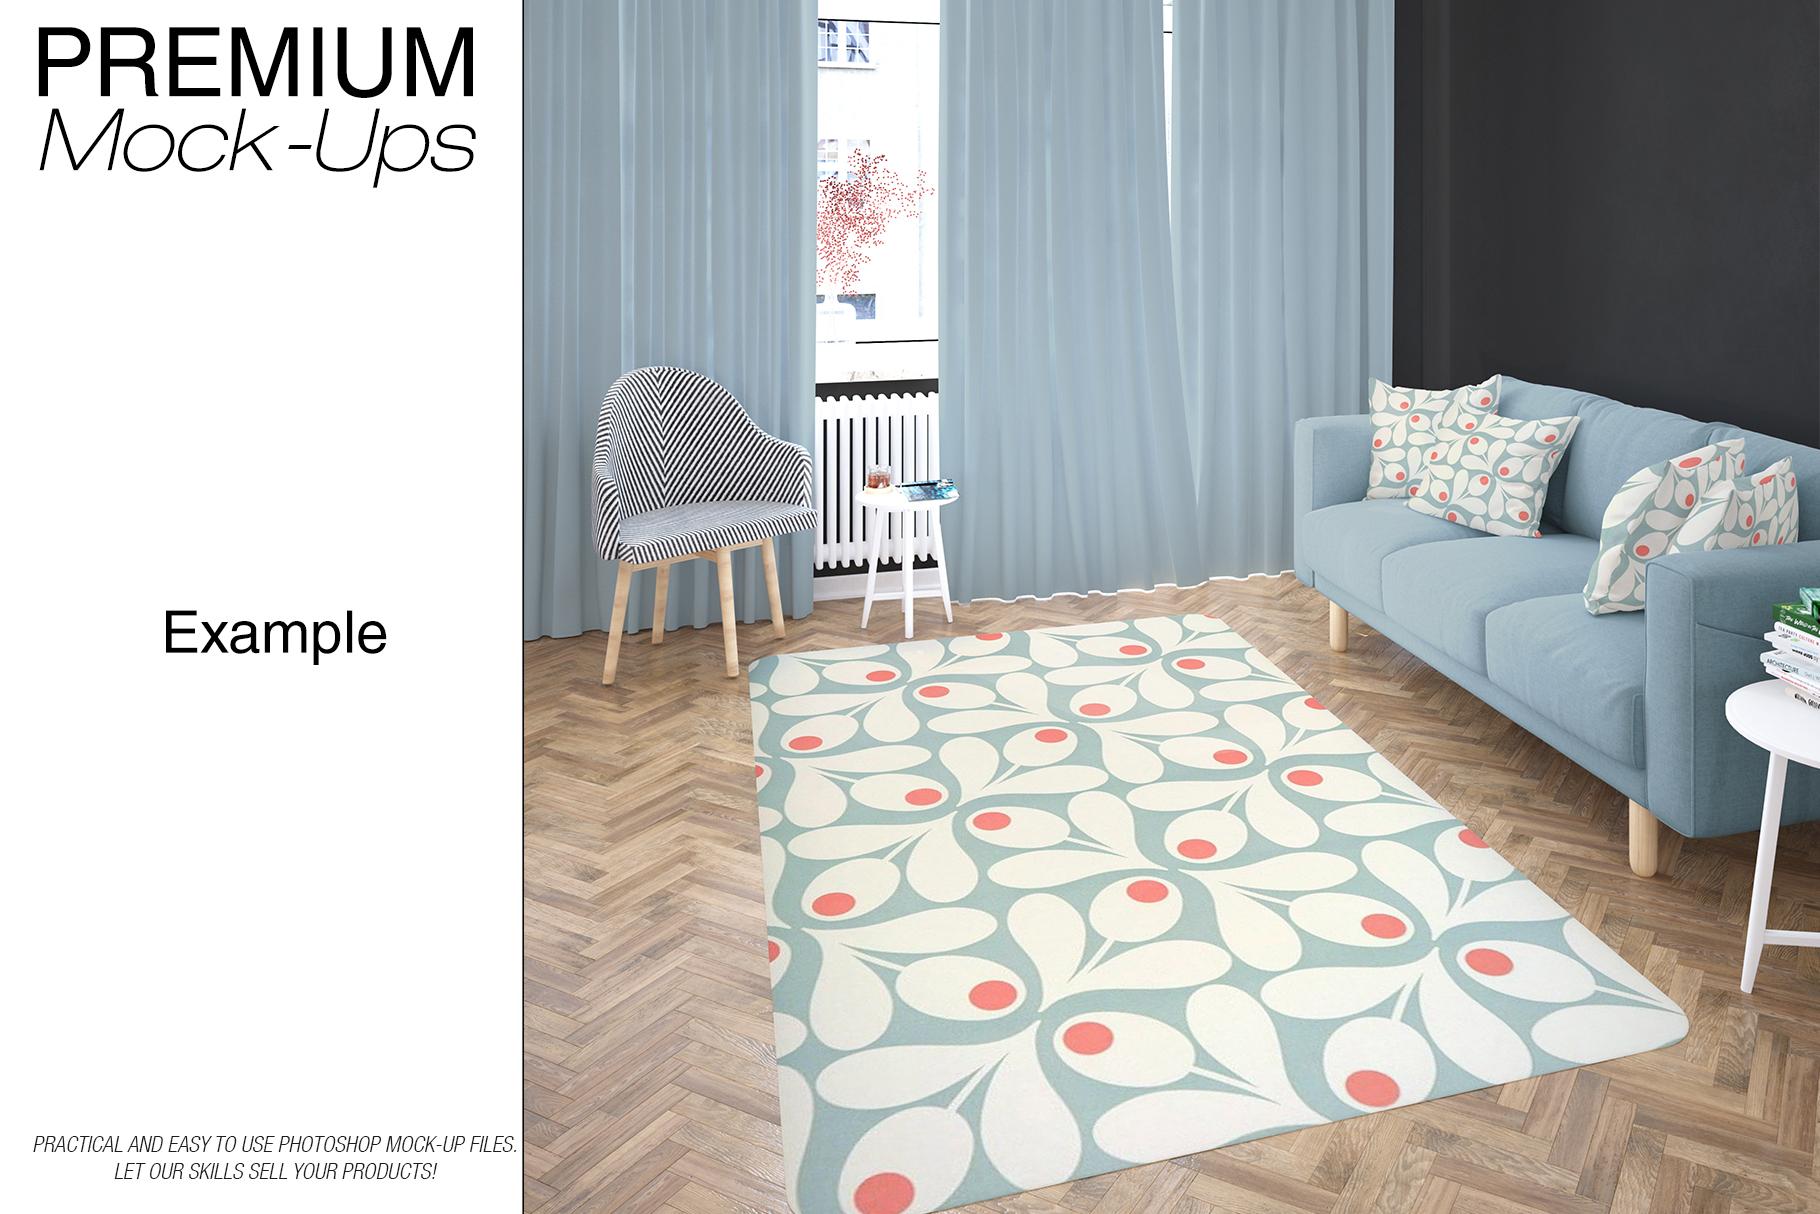 Carpets in Living Room Mockup Set